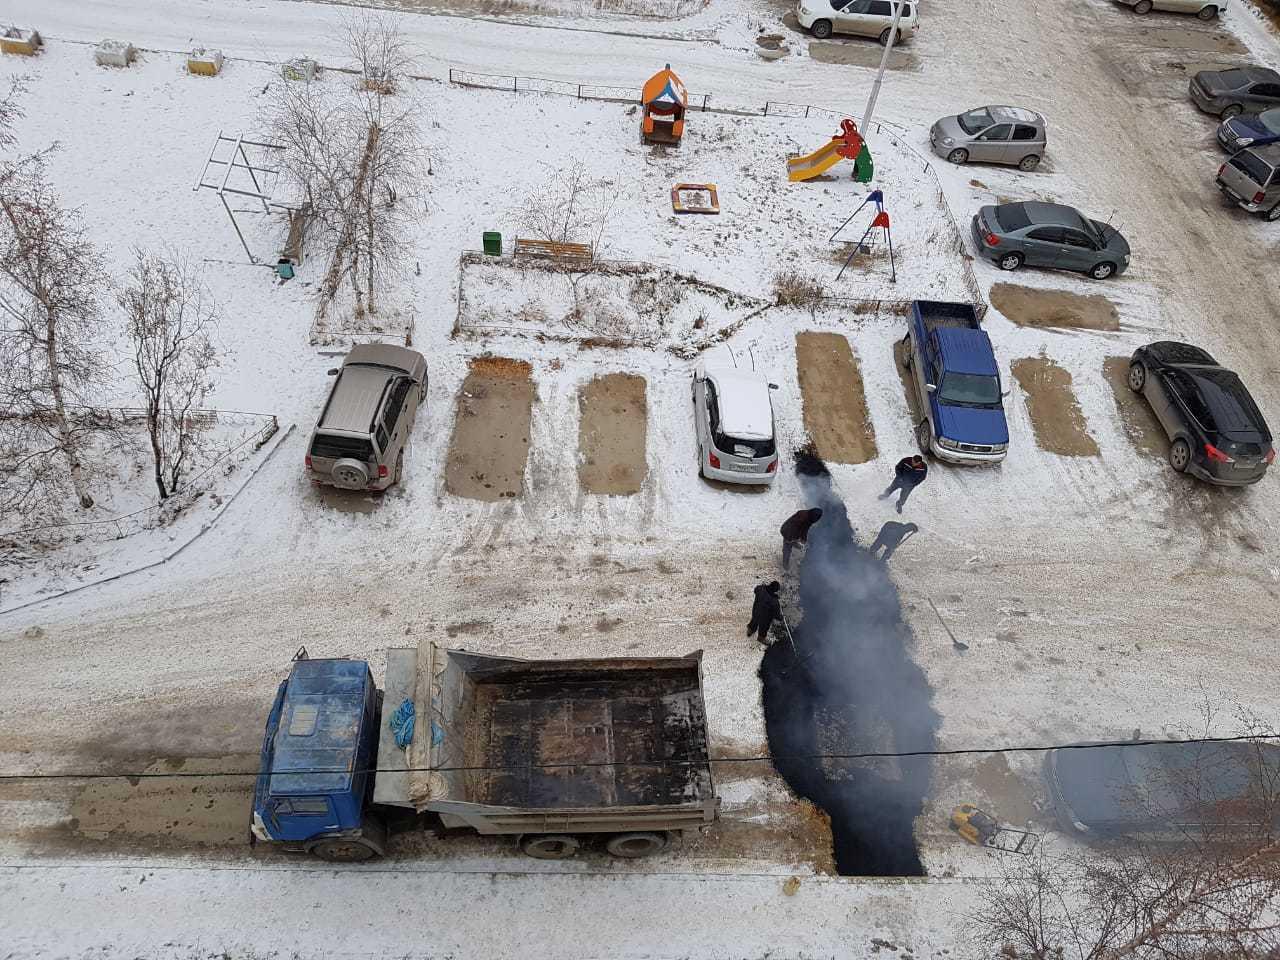 Мэр Якутска разобралась в ситуации с укладкой асфальта на снег